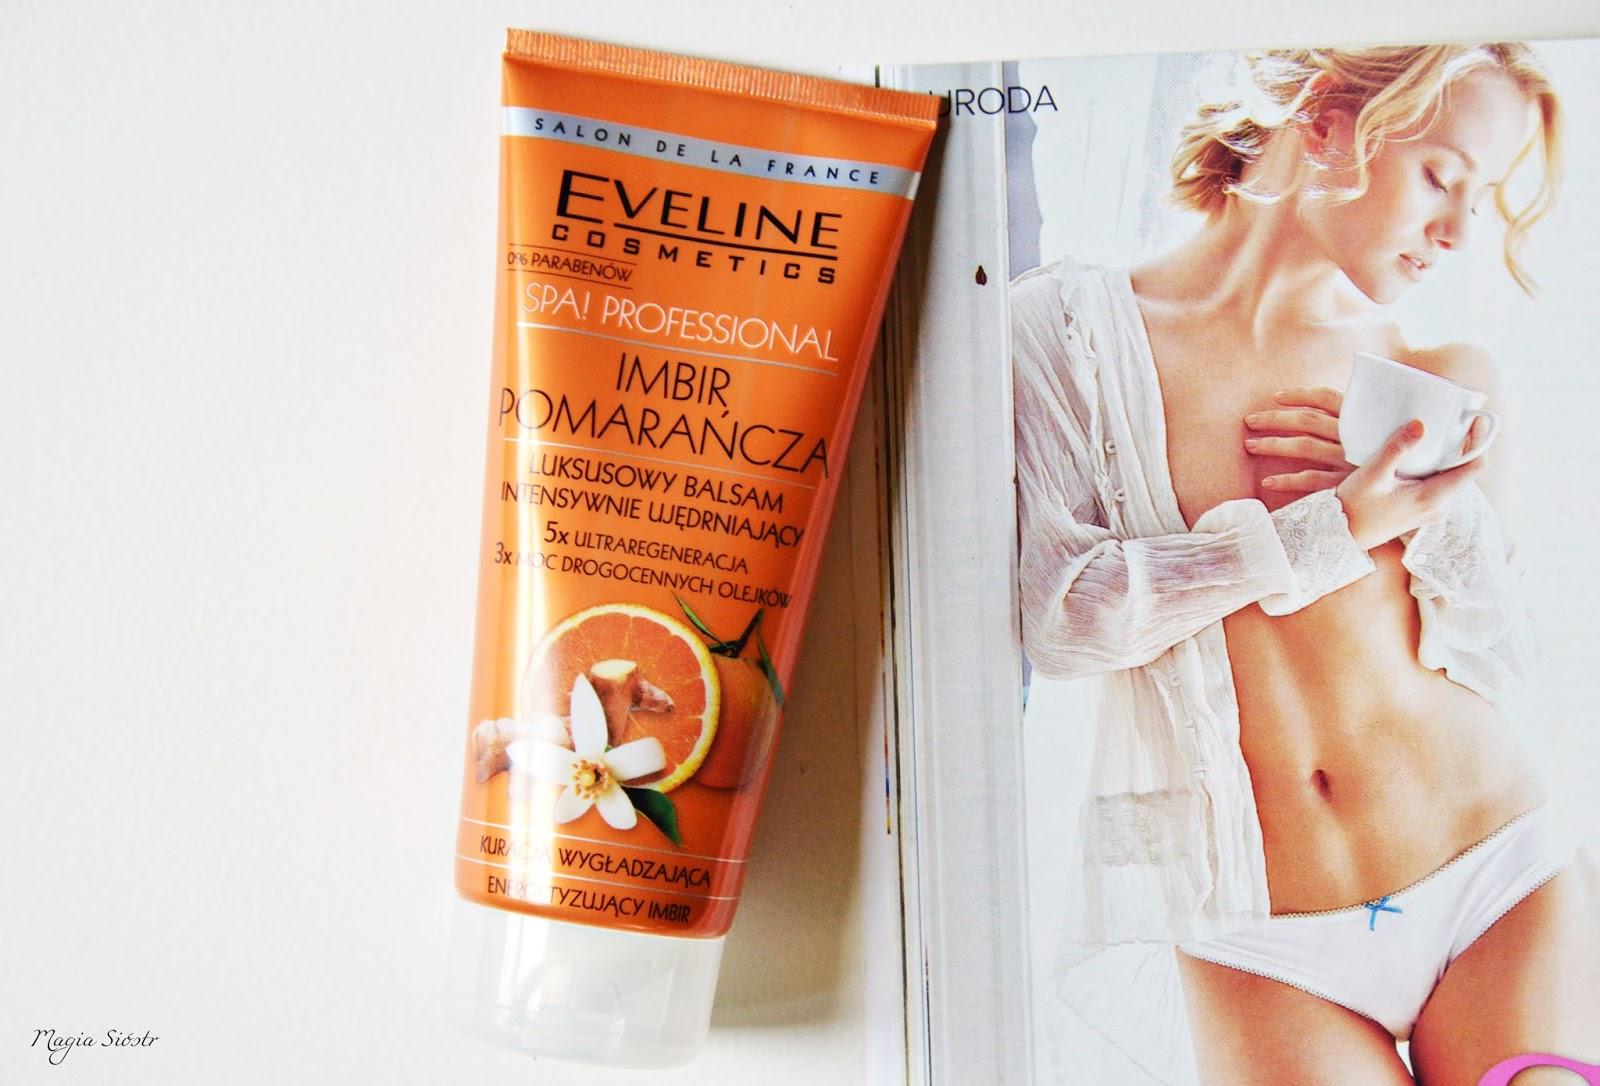 imbir i pomarańcza, zapach świąt, pielęgnacja ciała, balsam ujędrniający, kosmetyki eveline